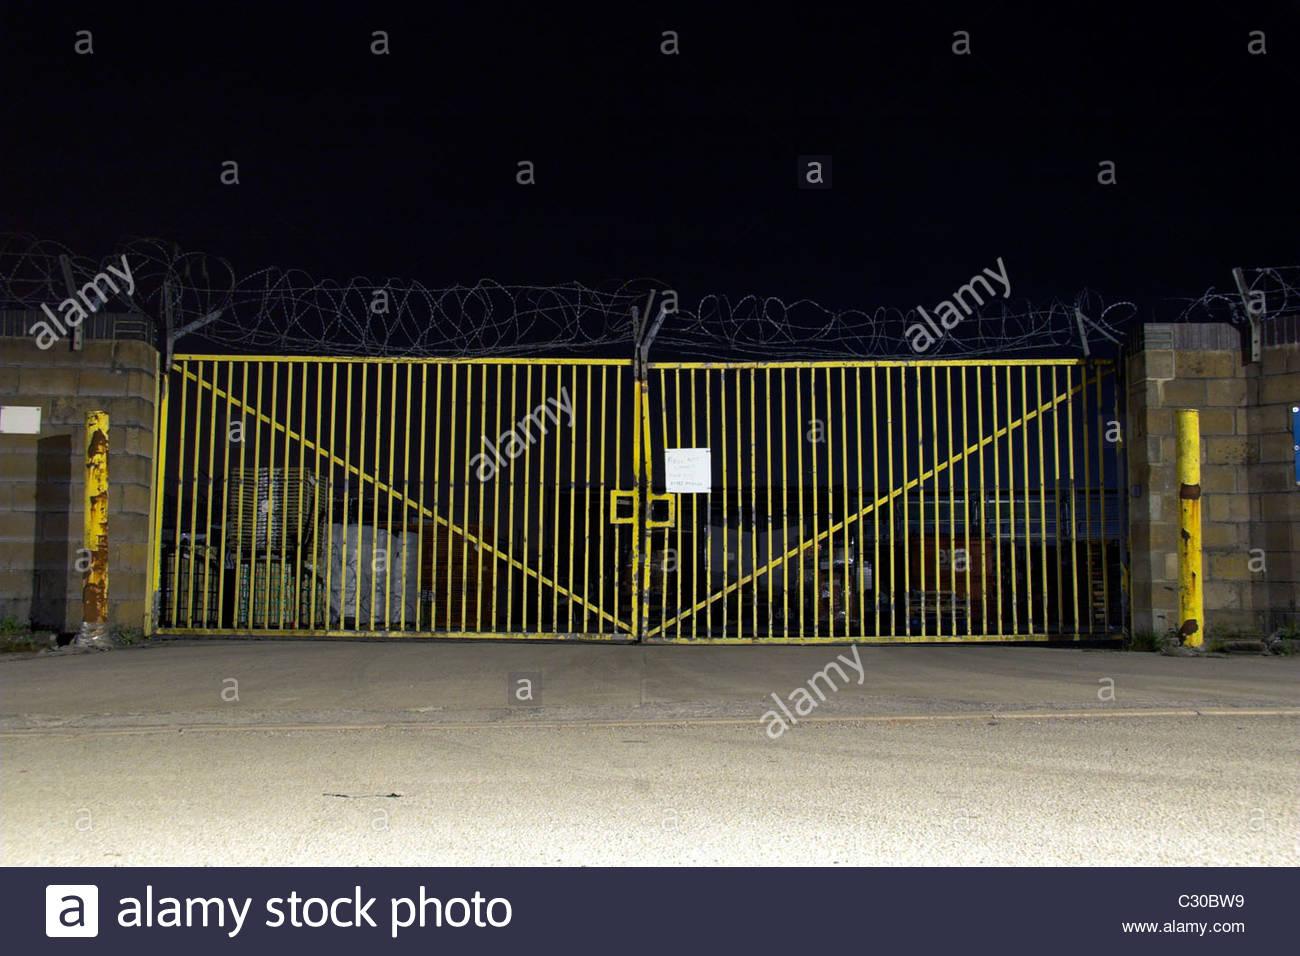 Gated yard at night. - Stock Image